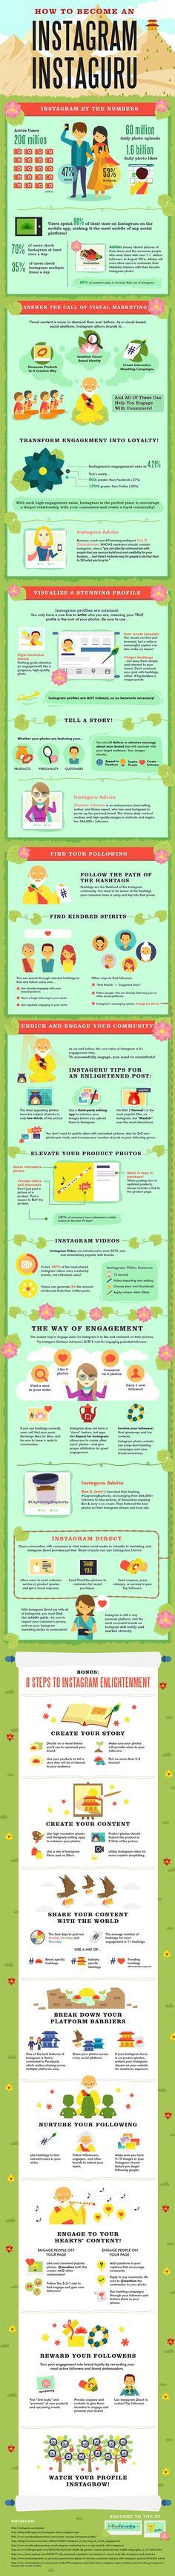 #Instagram strategie en contentplan in 8 stappen [Infographic] 8 superb tips to become an instagram marketing guru